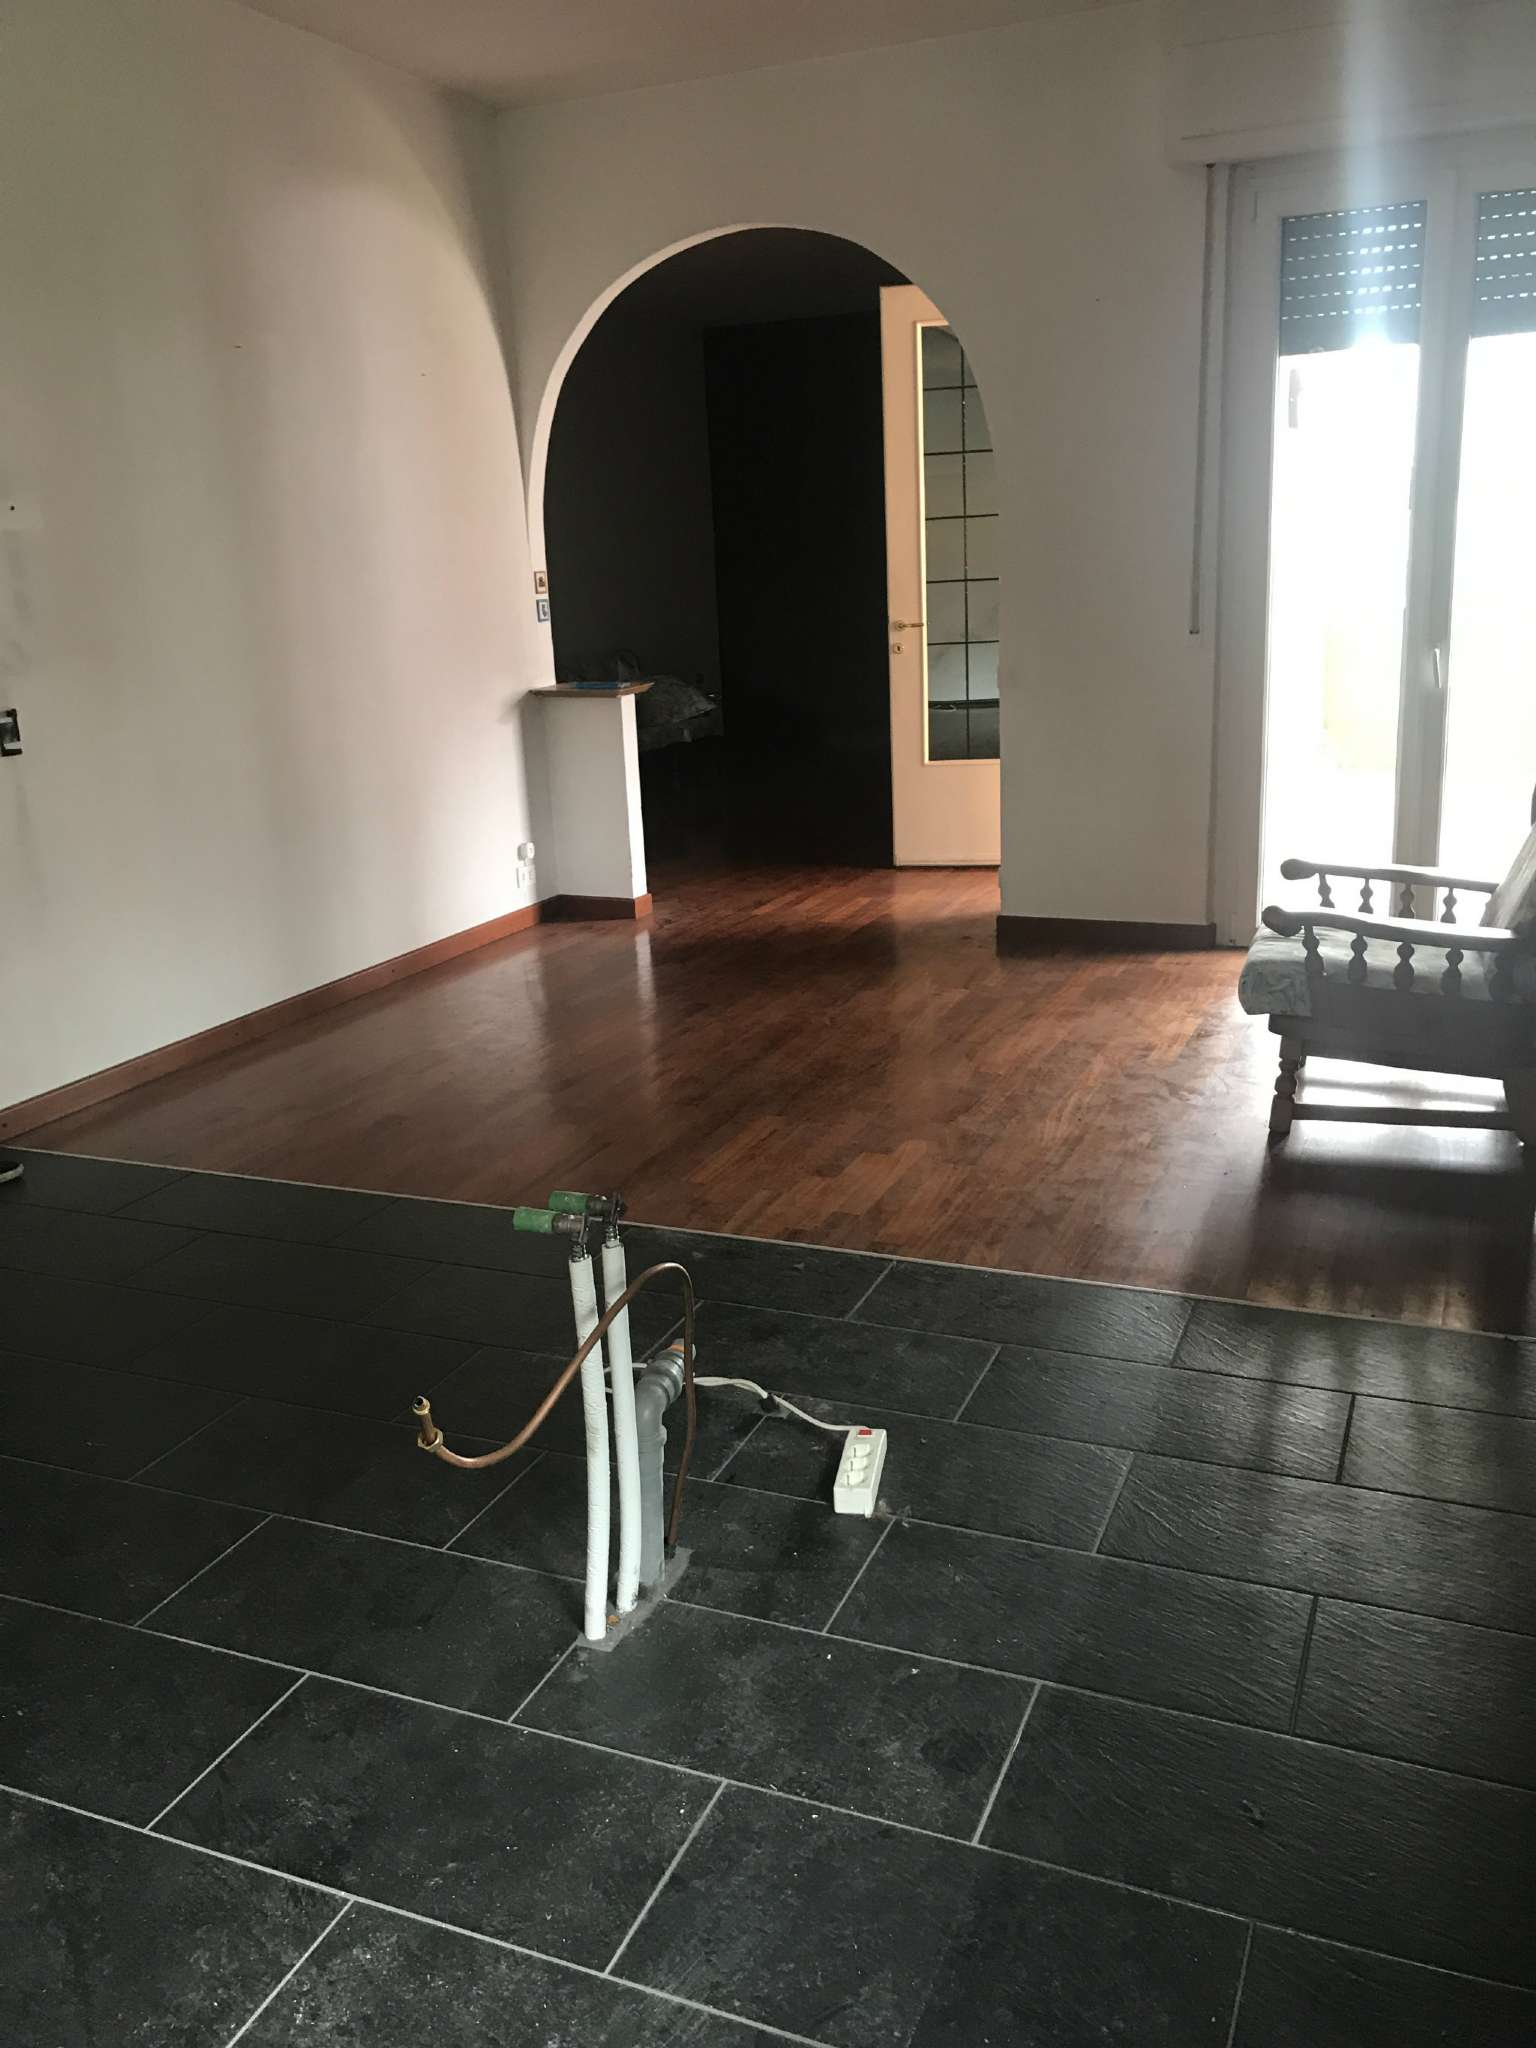 Villa Bifamiliare in Vendita a Jerago con Orago